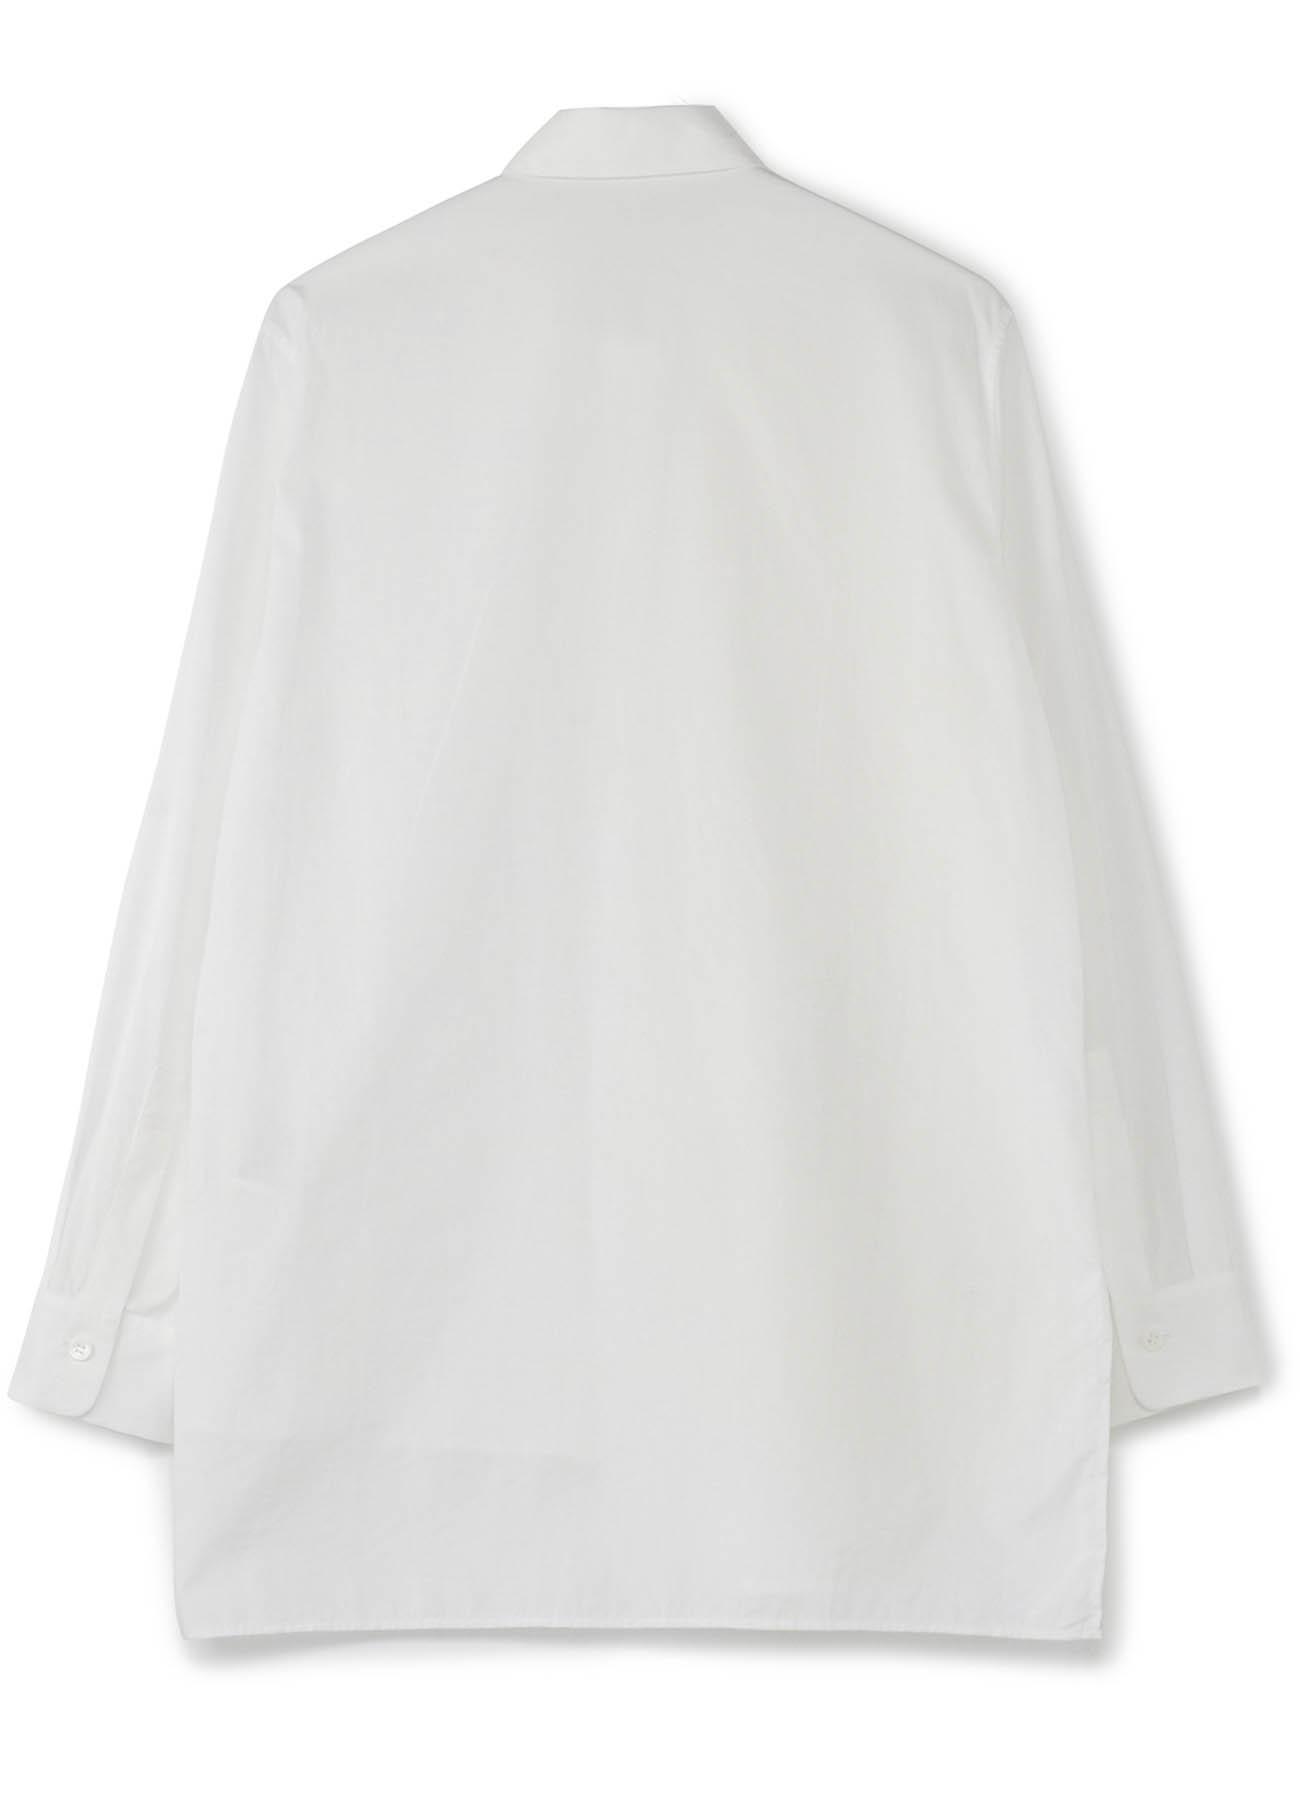 棉 × 羊毛 补丁风格衬衫1